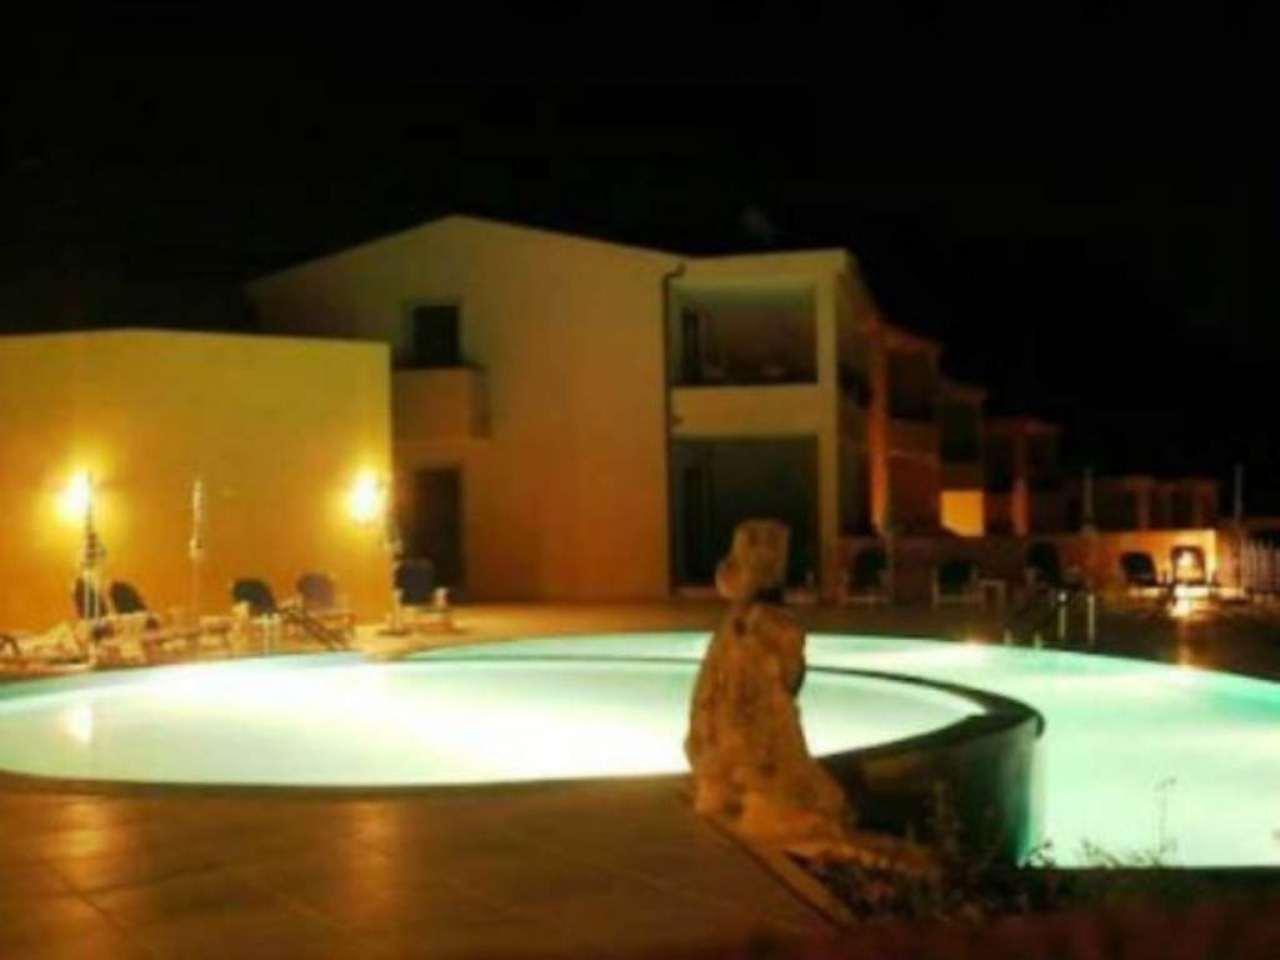 Appartamento in vendita a Trinità d'Agultu e Vignola, 2 locali, prezzo € 99.000 | Cambio Casa.it